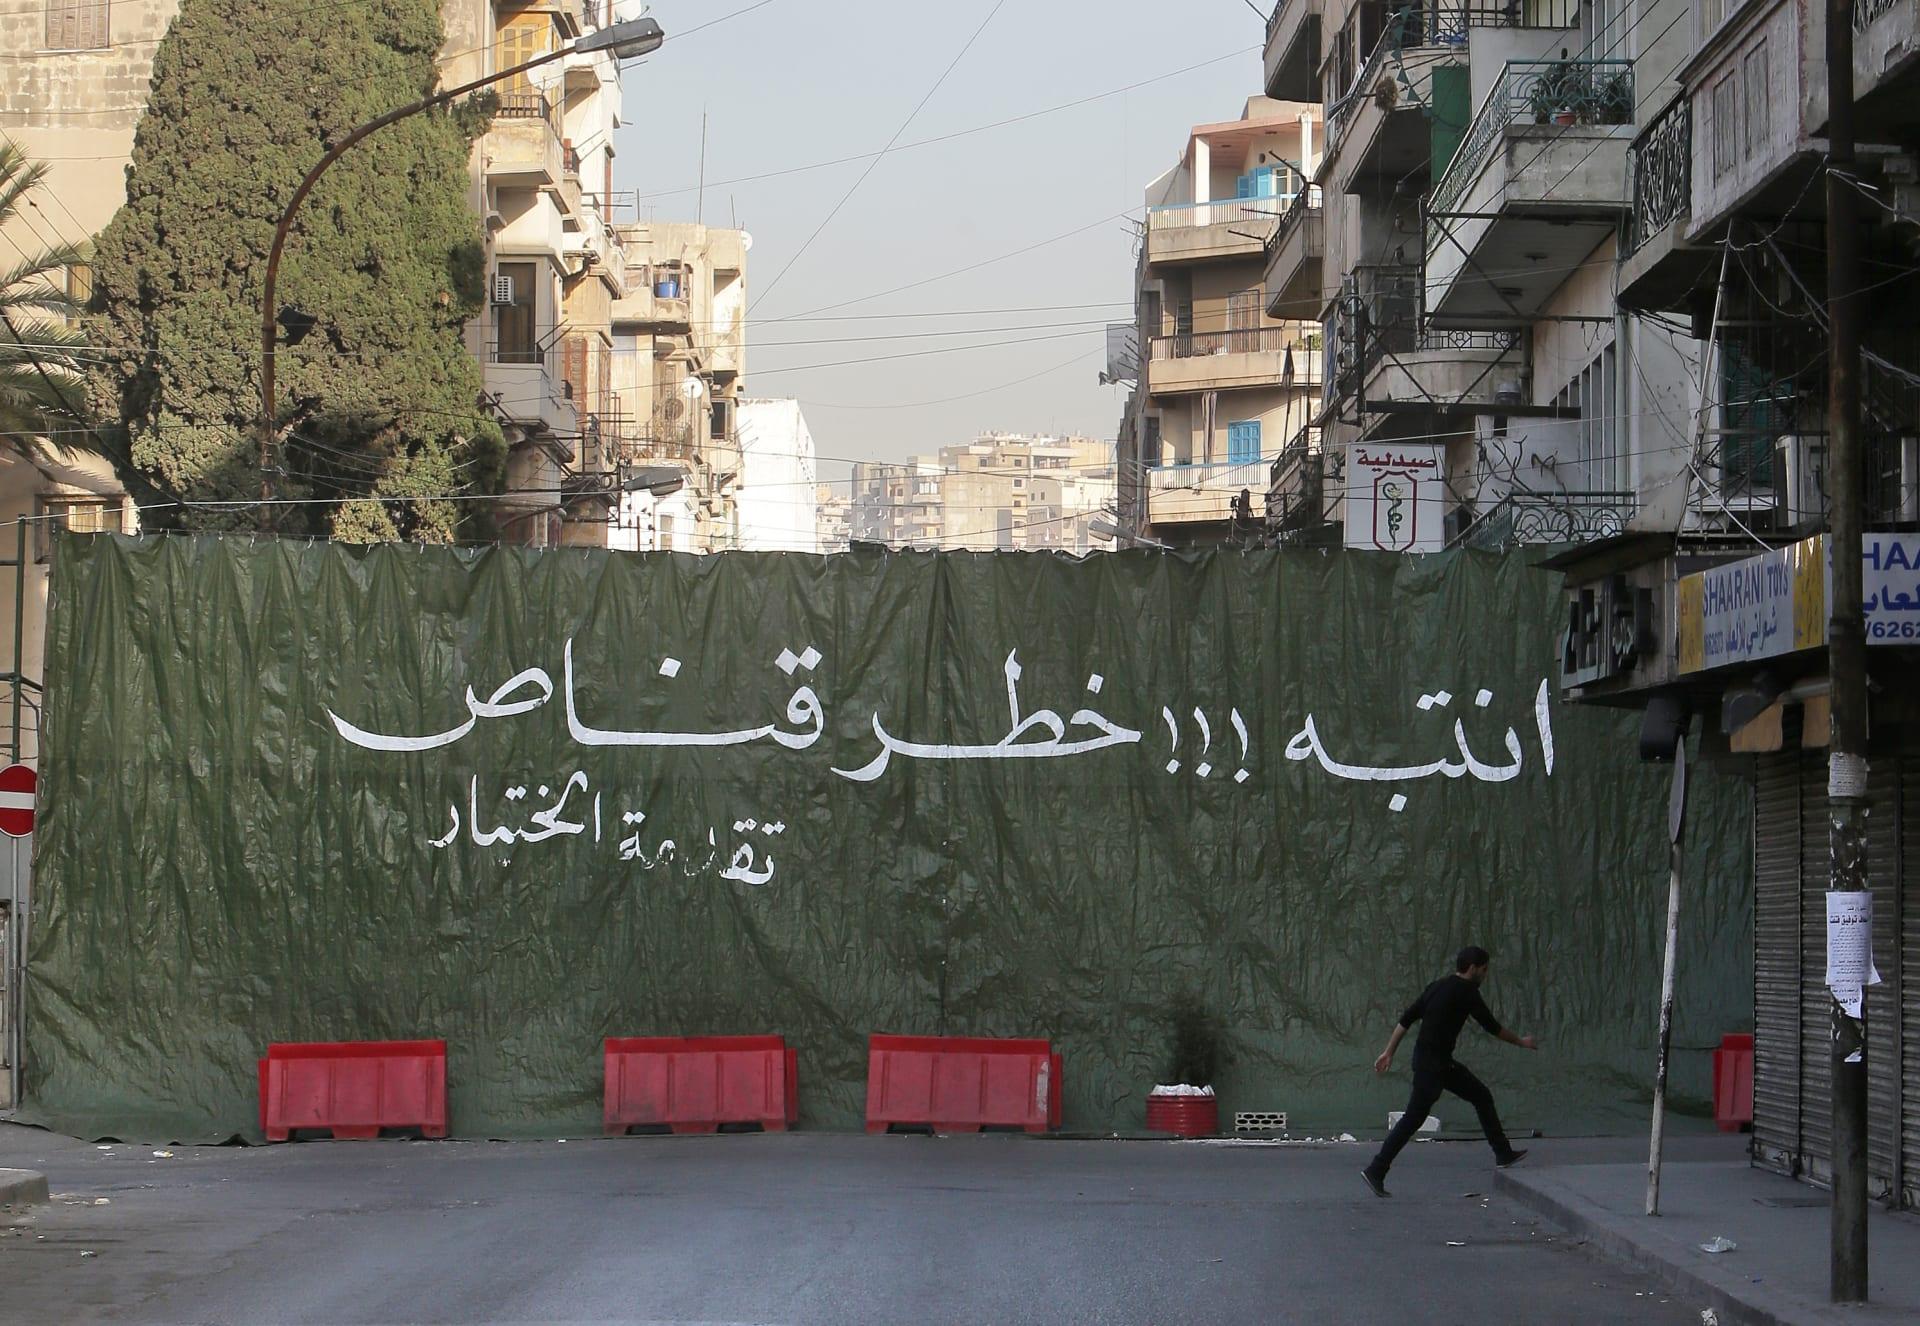 لبنان: نزوح من طرابلس لمخاوف من تدهور أمني بعد ساعات